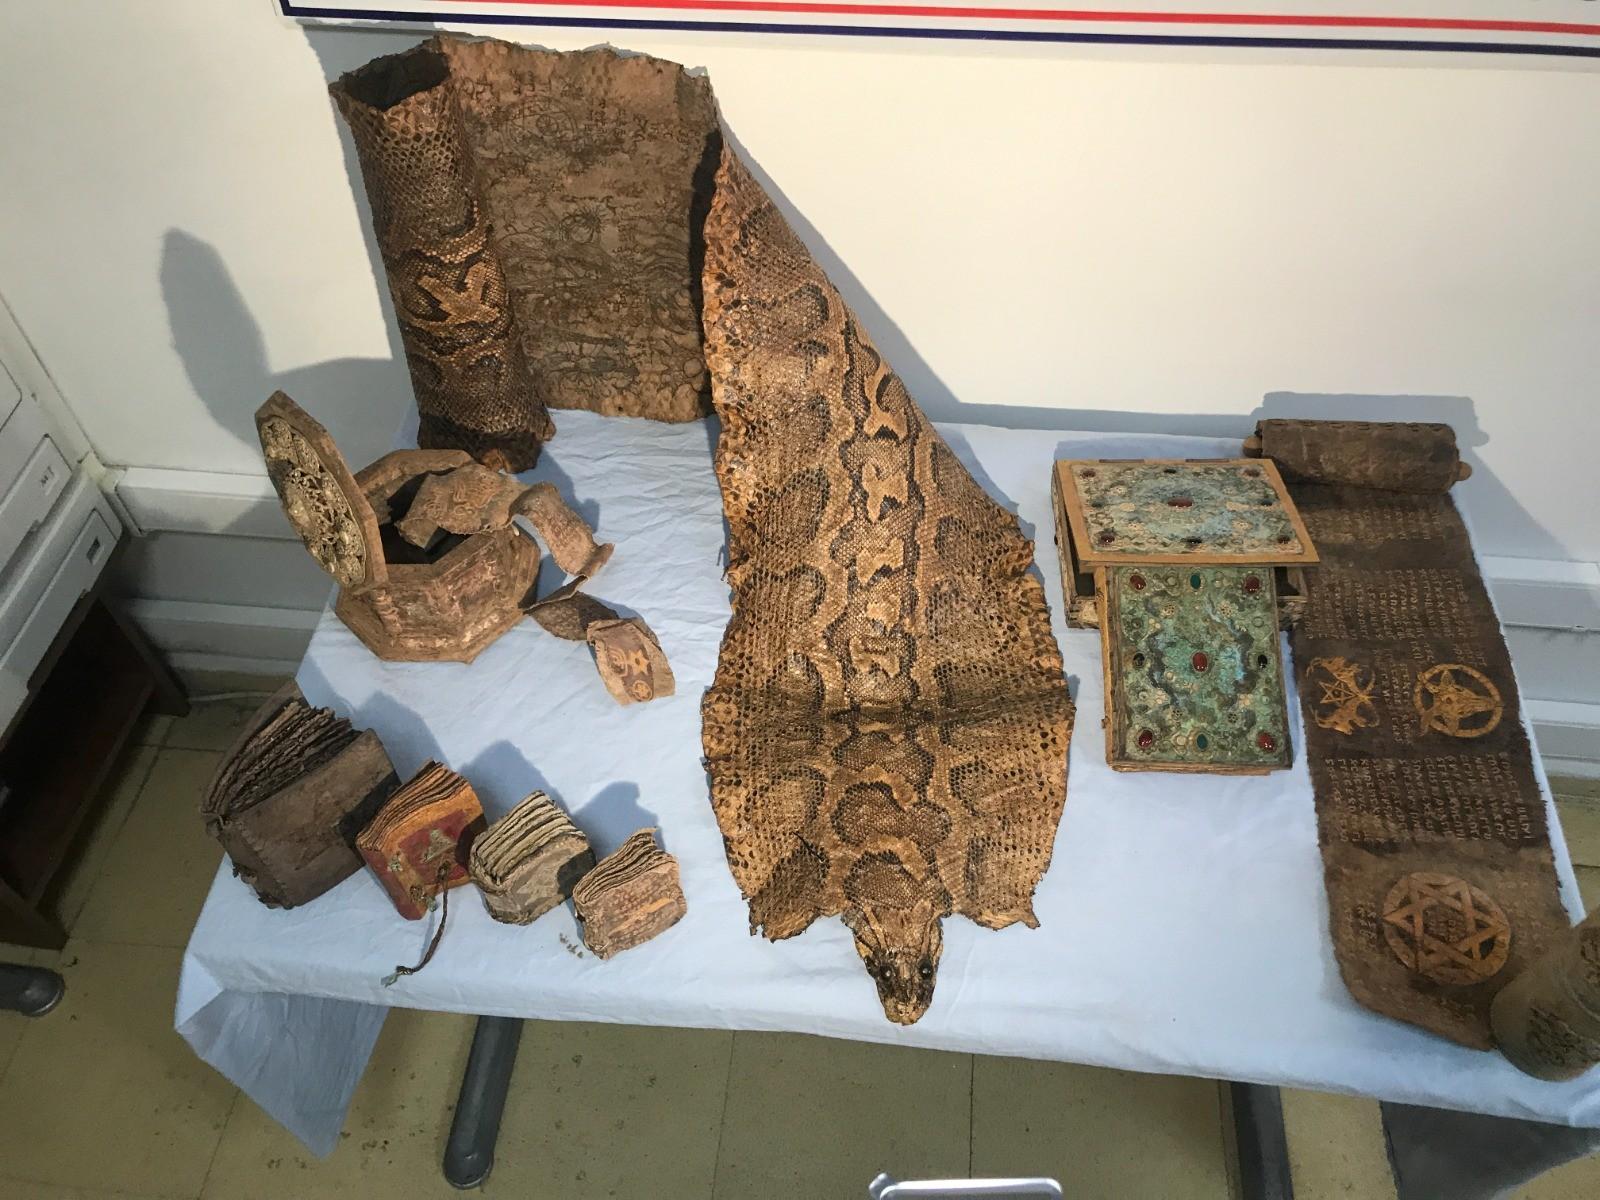 Şanlıurfa'da Ortaçağ'a ait Mısır kökenli işlemeli piton derisi ele geçirildi